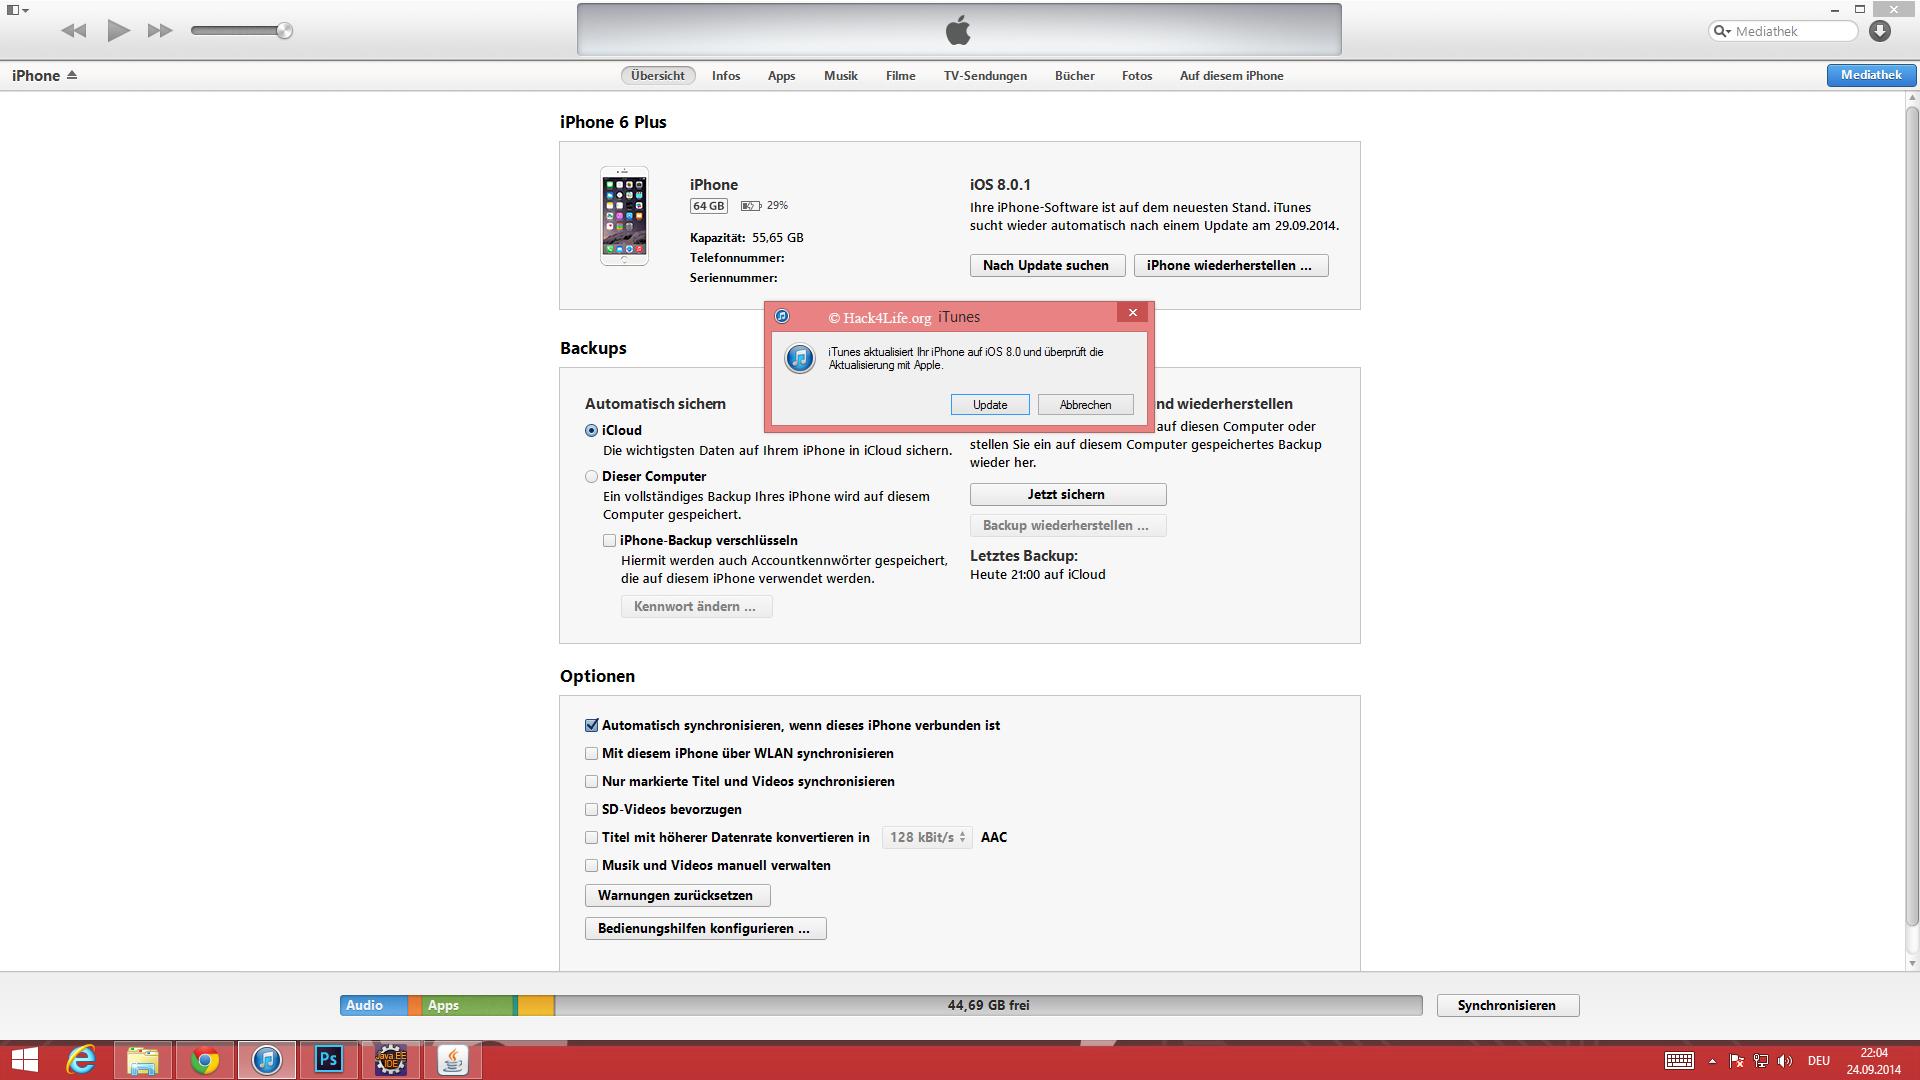 iOS 8.0.1 Probleme schnell und einfach ohne Datenverlust beheben, Hack4Life, Fabian Geissler, Datenverlust, Update, Apple